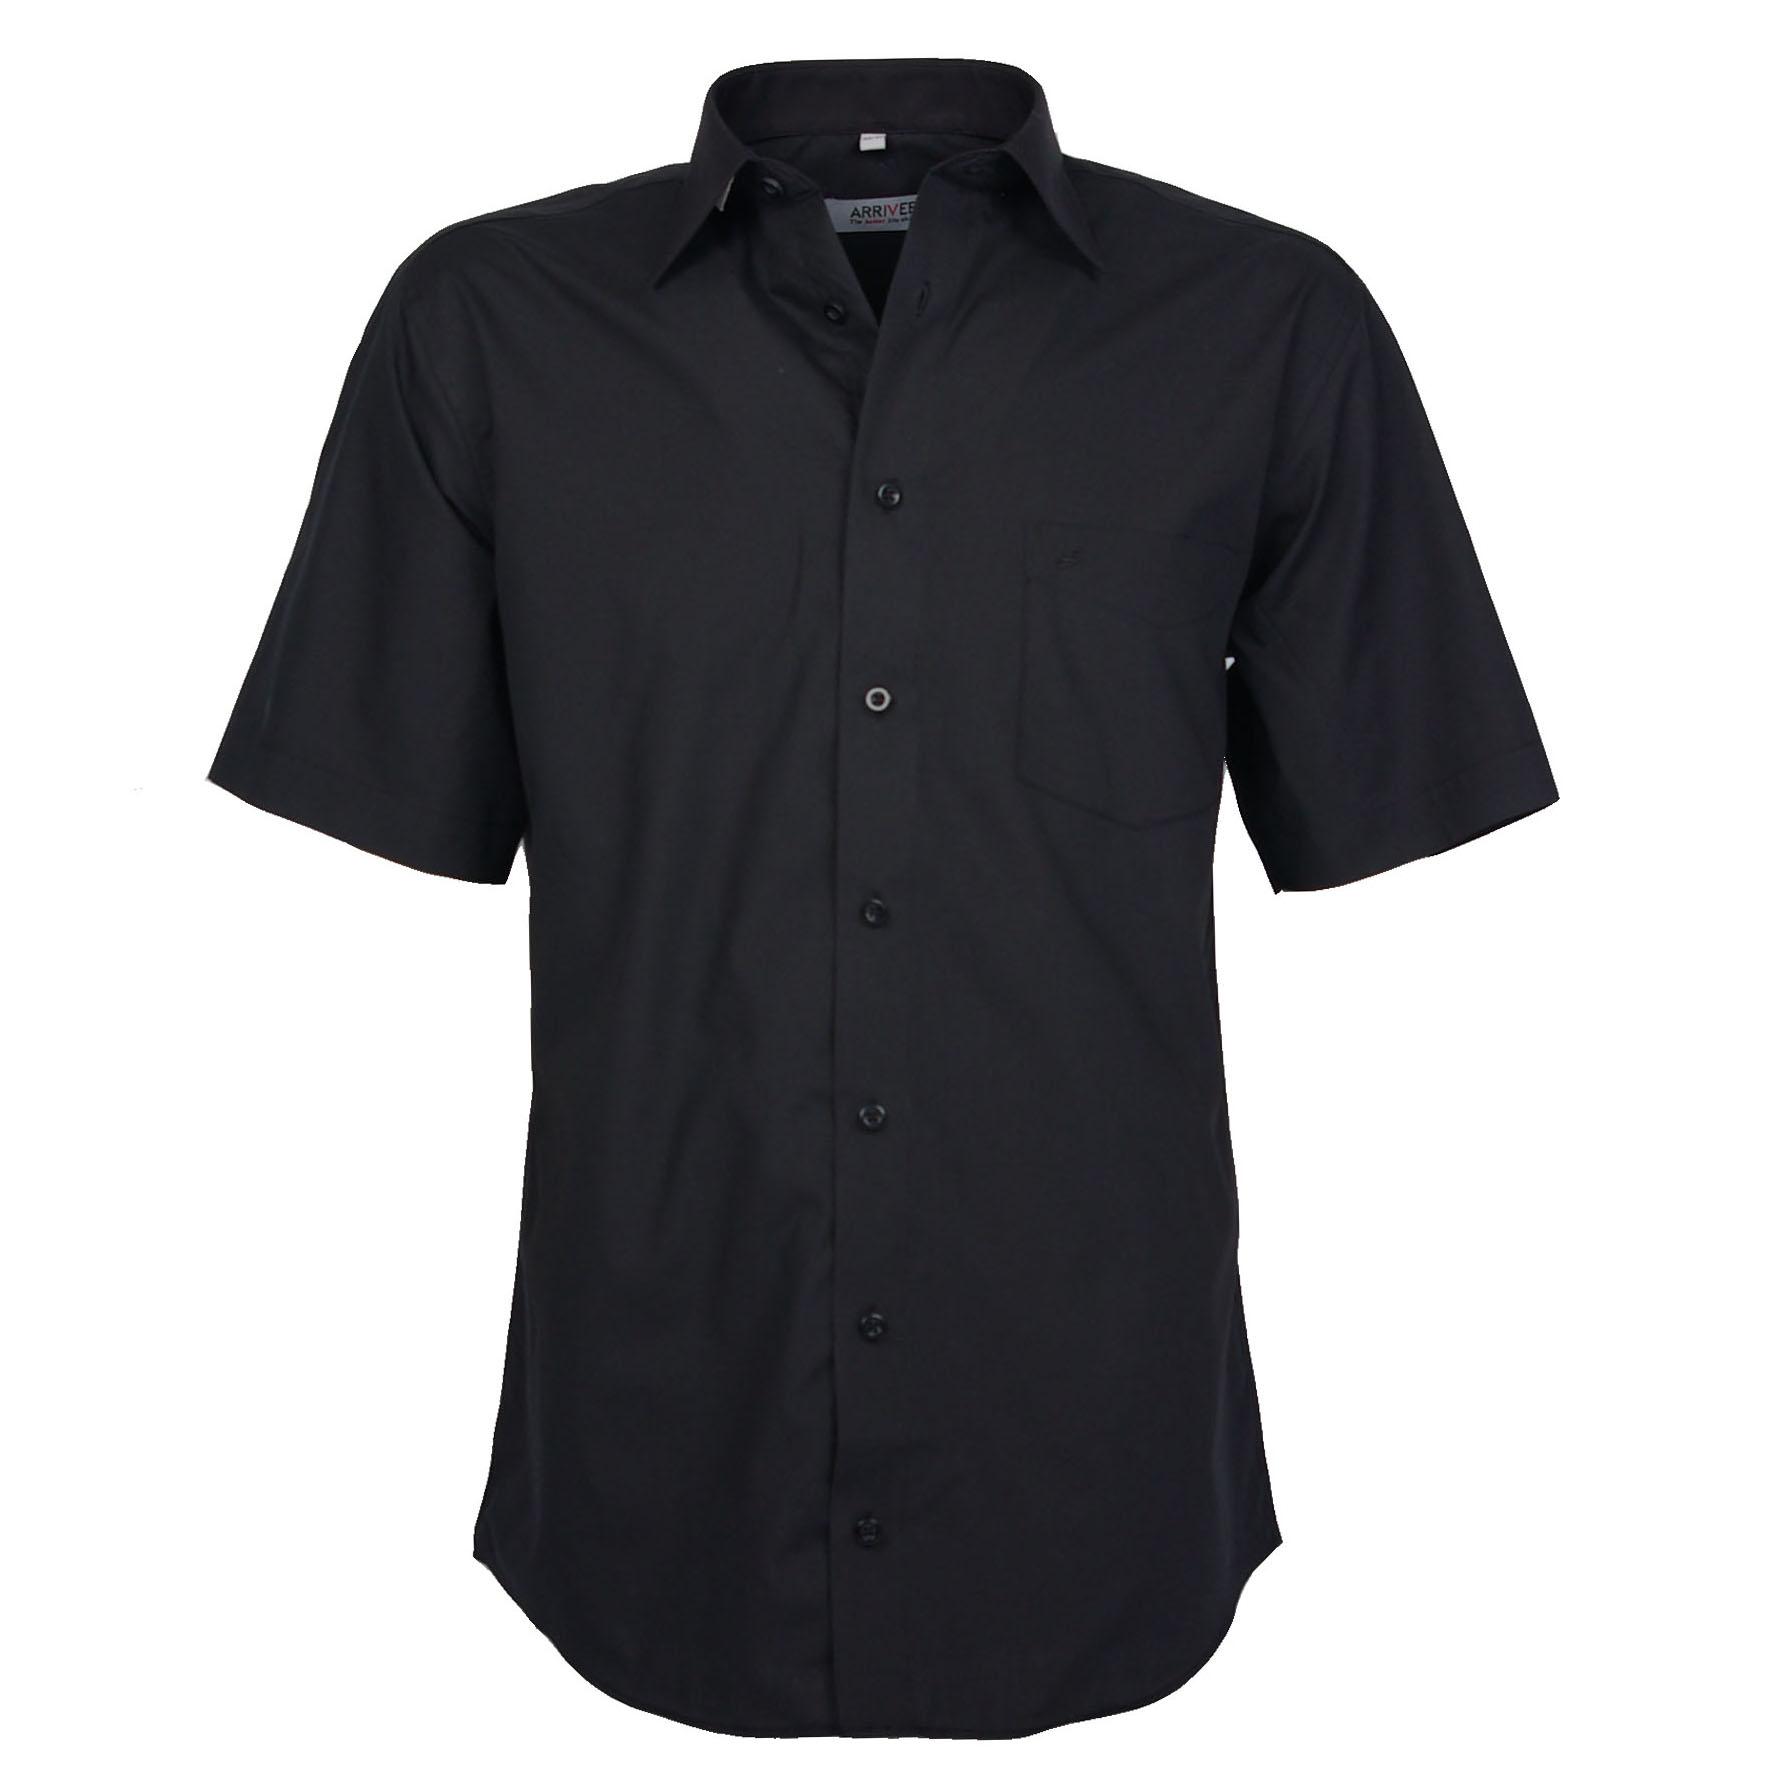 Arrivee Grote Maten Overhemd uni Zwart korte mouw